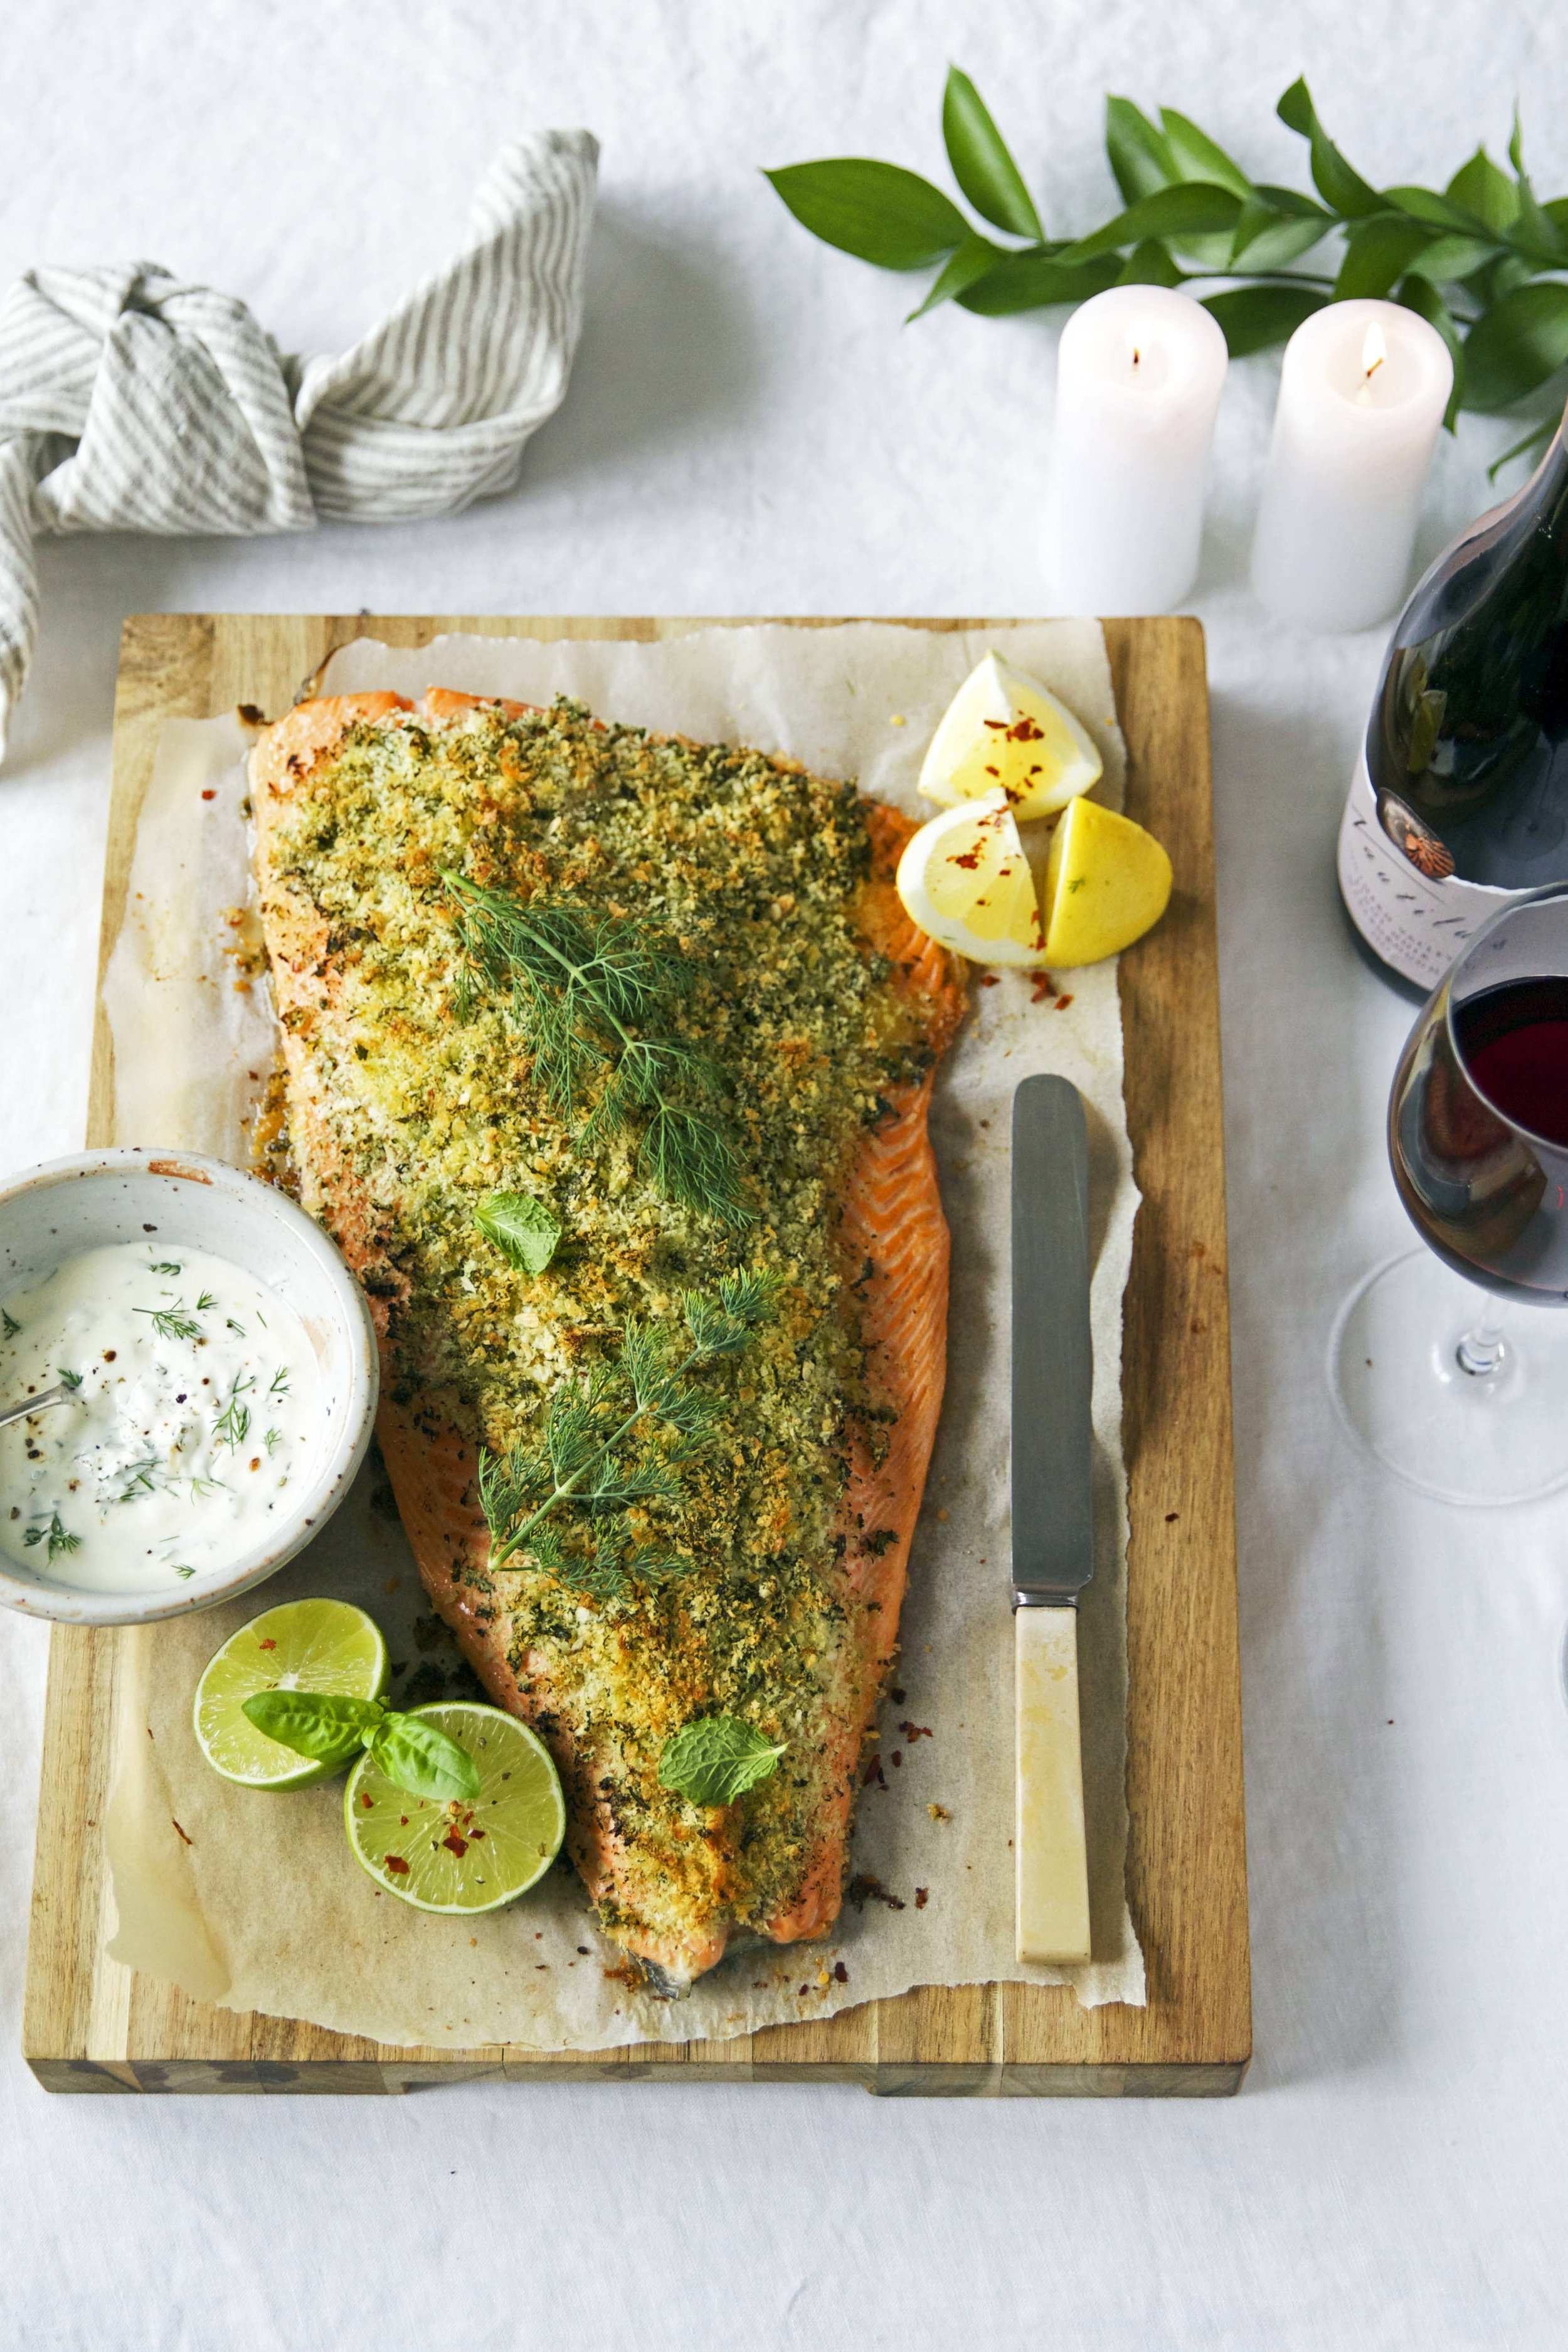 NAUTILUS_LOW RES_XMAS Herb crusted salmon2.jpg